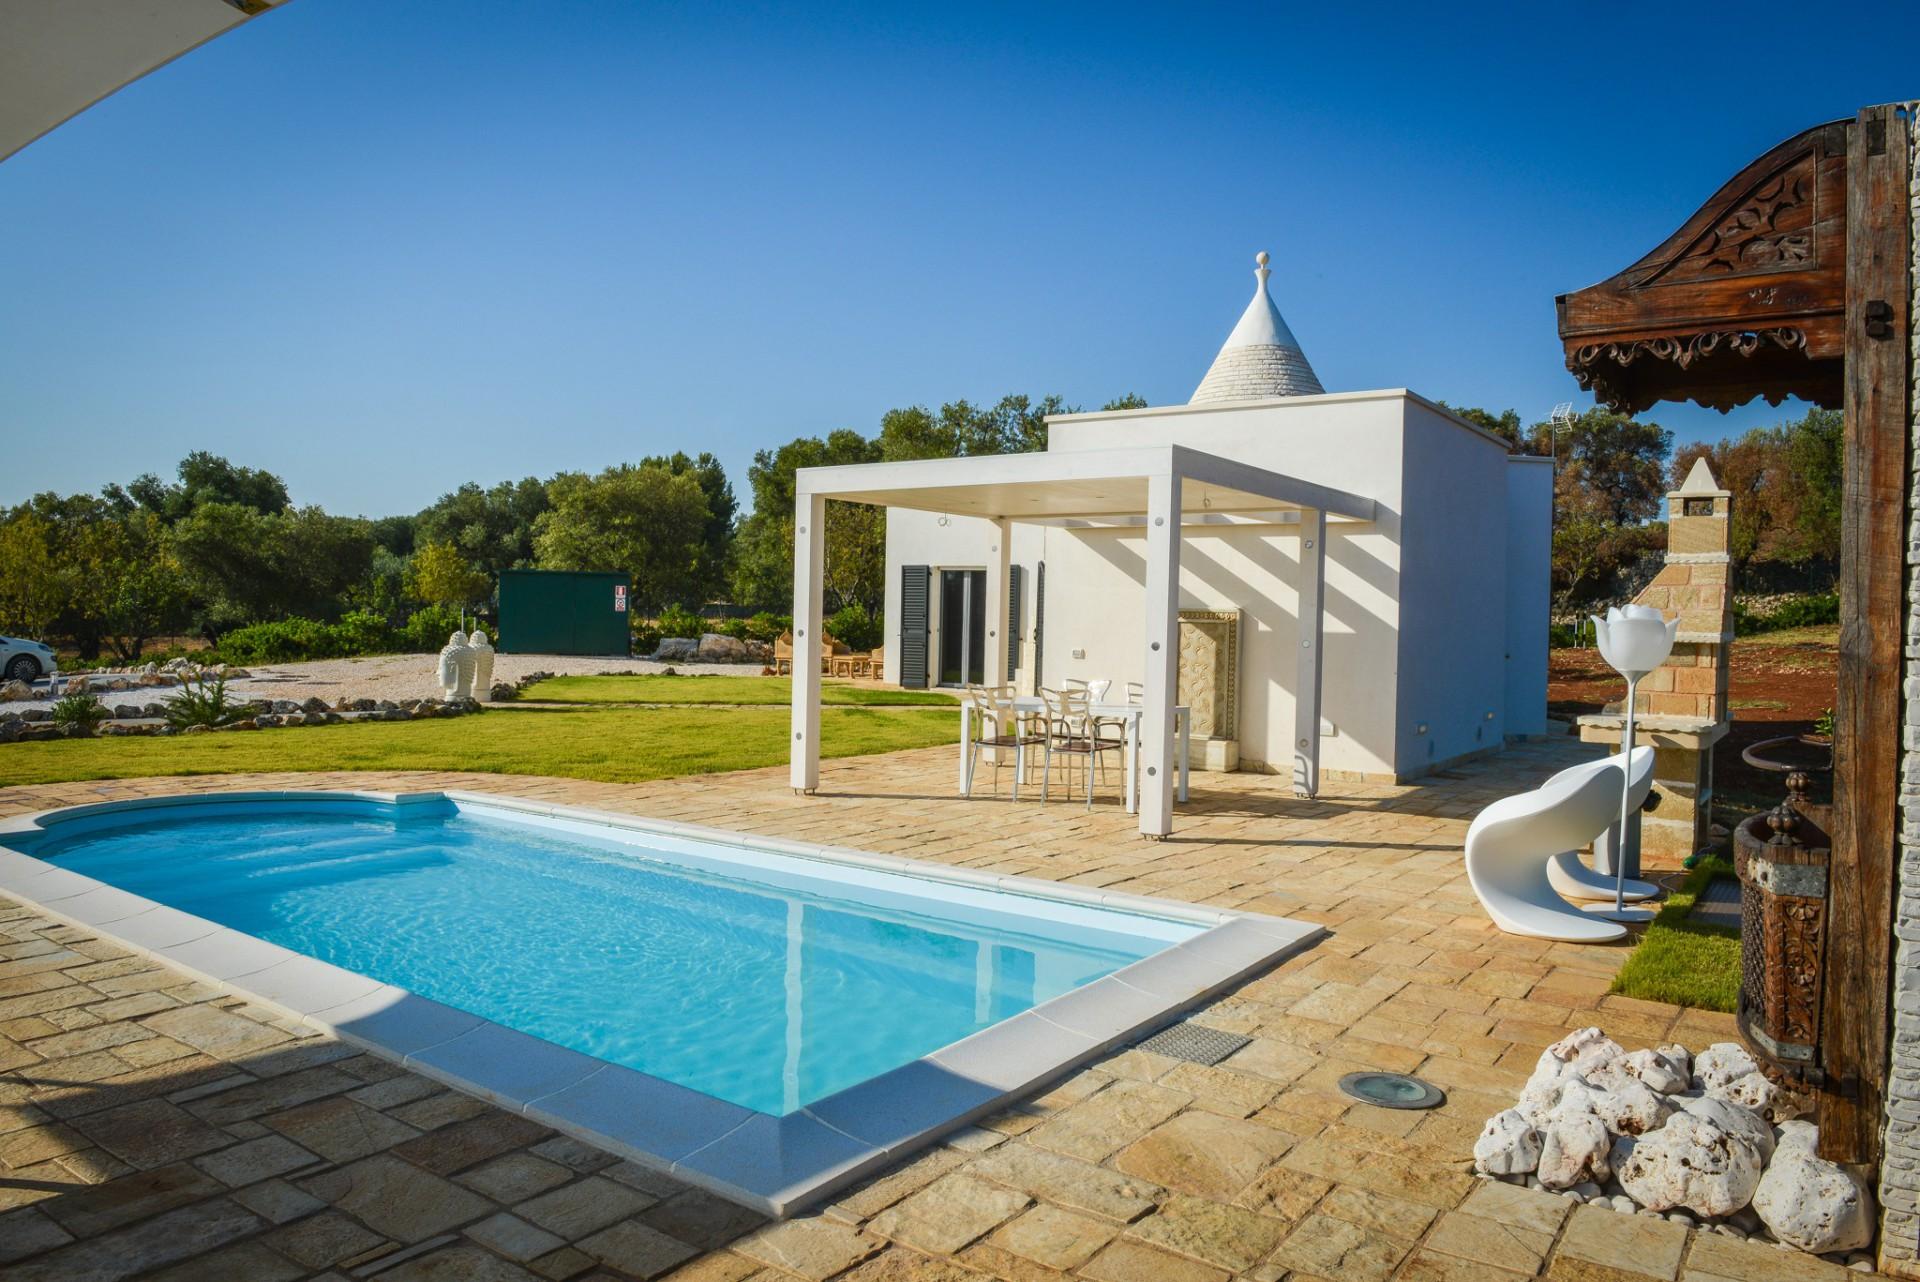 Bel trullo con piscina in vendita a carovigno puglia - Ville con piscina in vendita ...